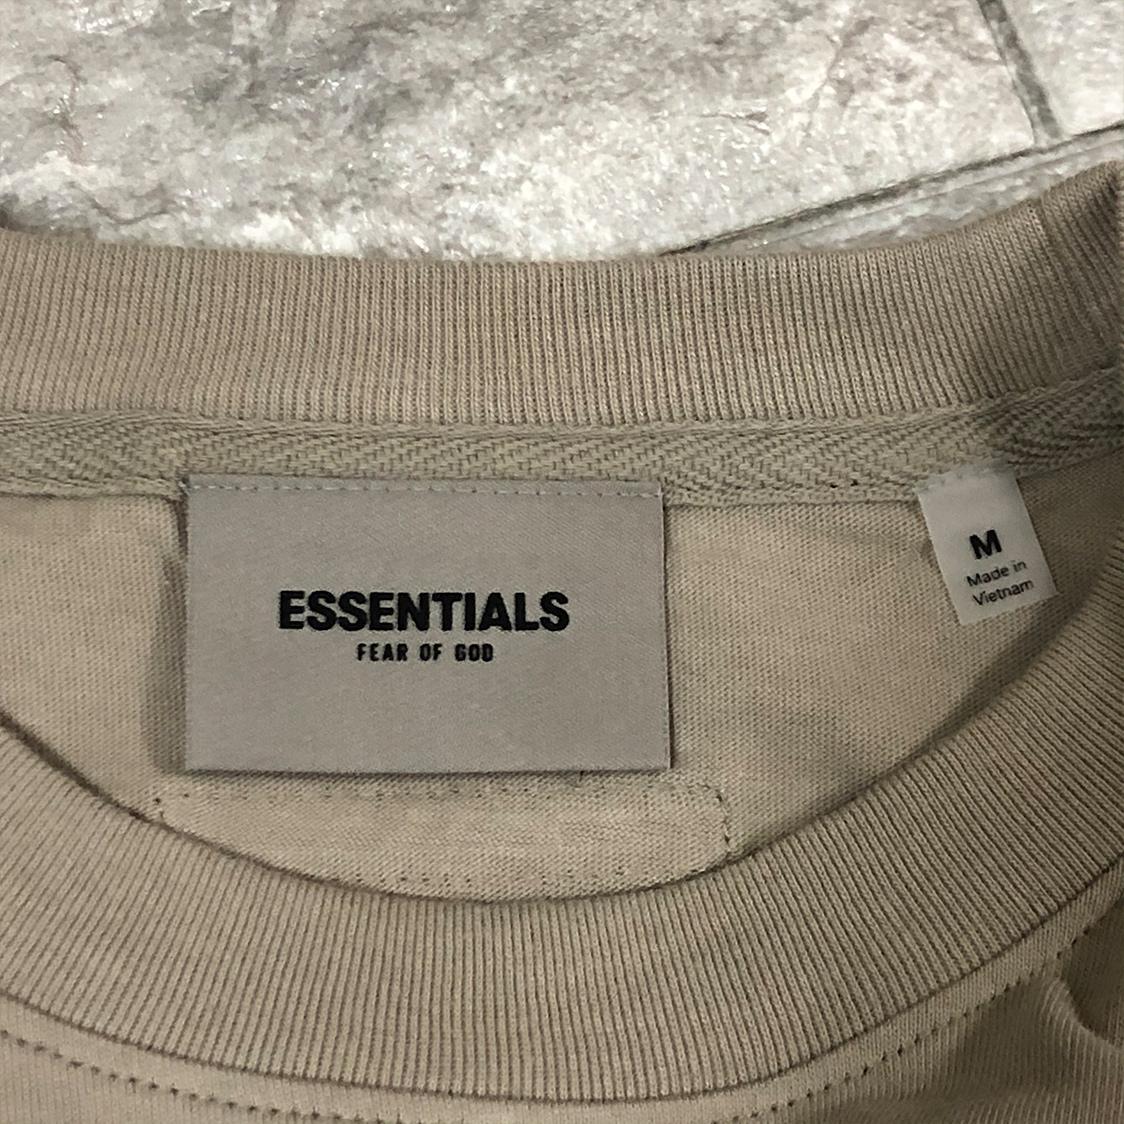 2020新作 新品 FOG Fear Of God Essentials フェアオブゴッド エッセンシャルズ 【Mサイズ】 LOGO TEE Tシャツ 半袖 エッセンシャル TAN タン フォグ